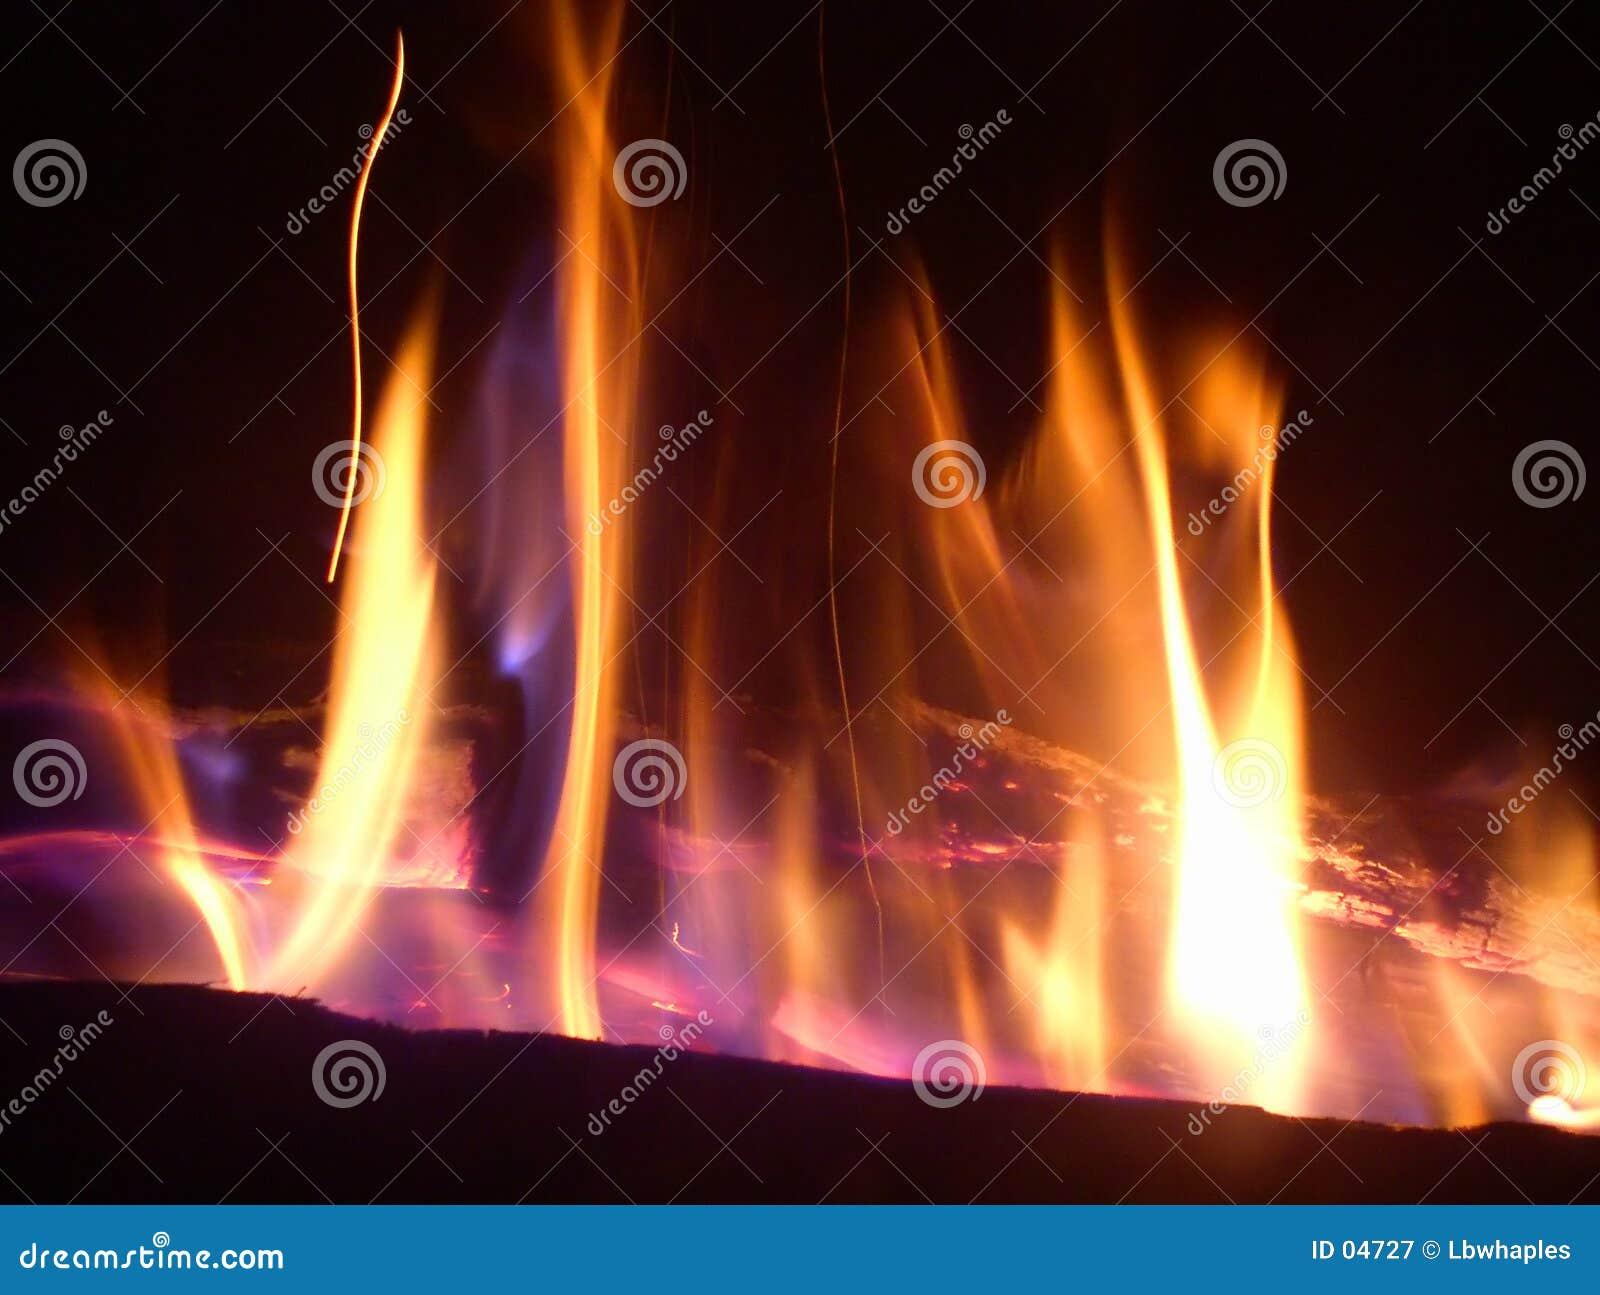 EL Fuego - Feuer